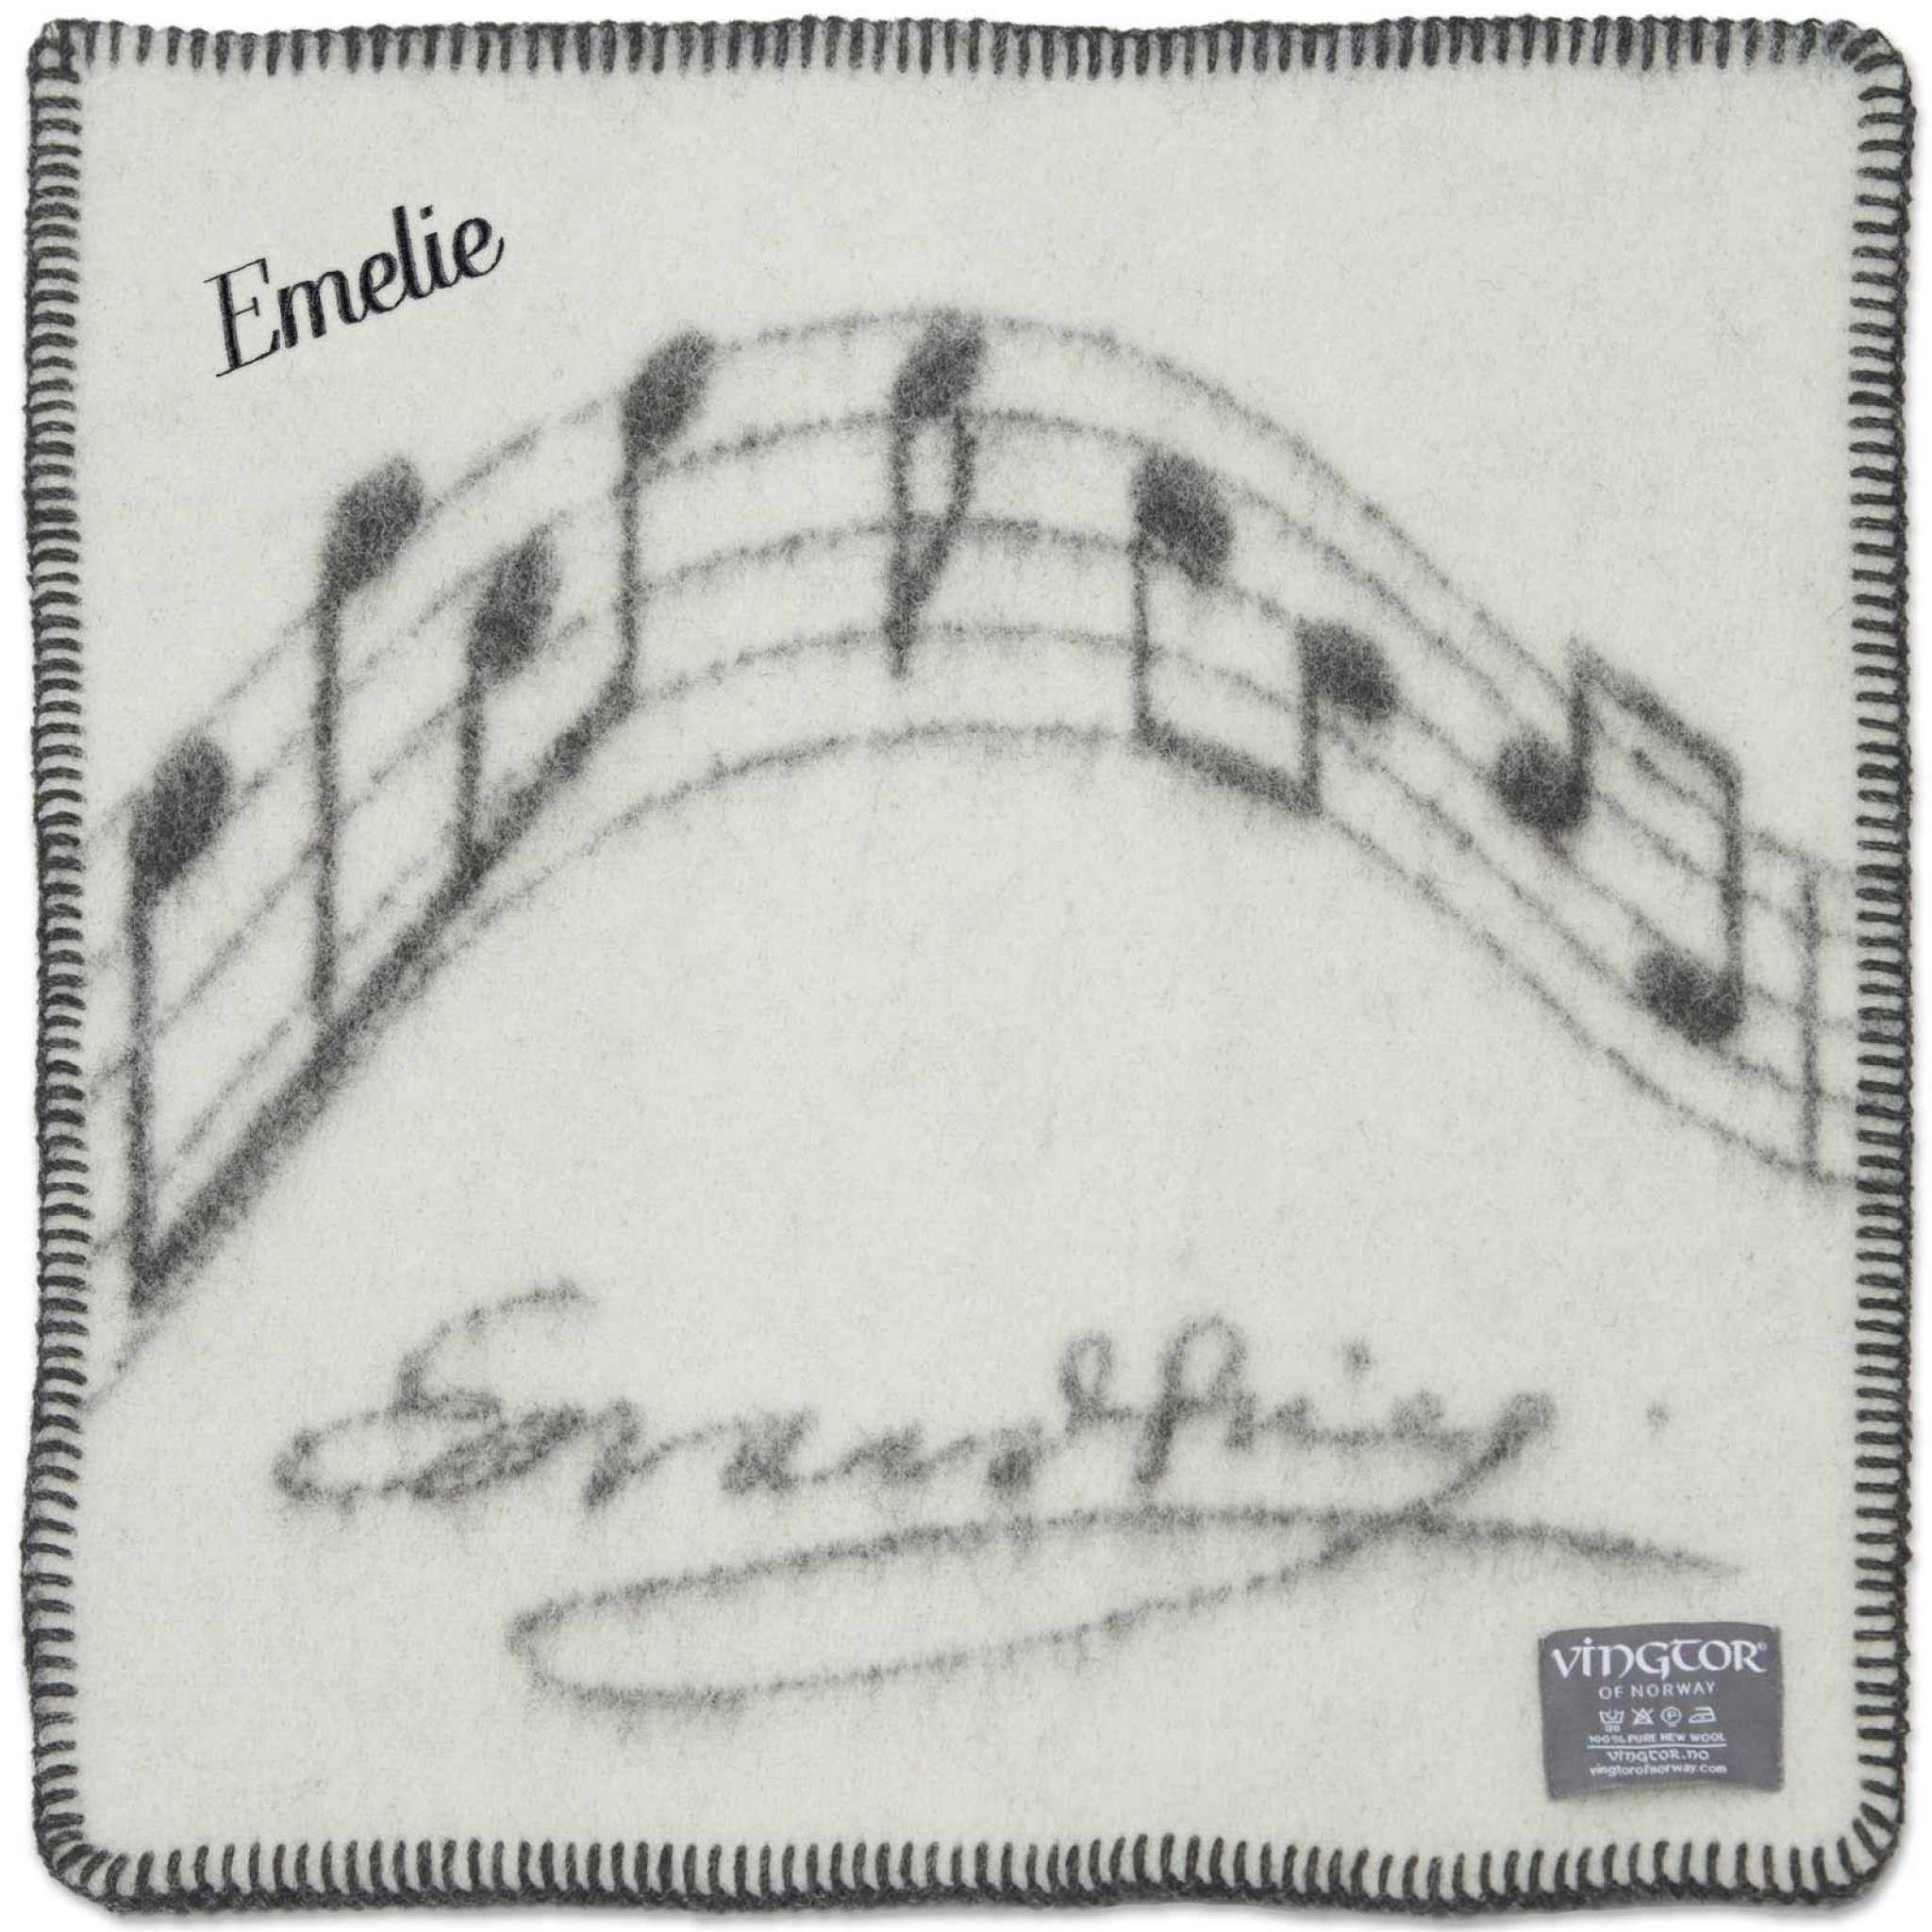 Sittunderlag Vingtor, Grieg